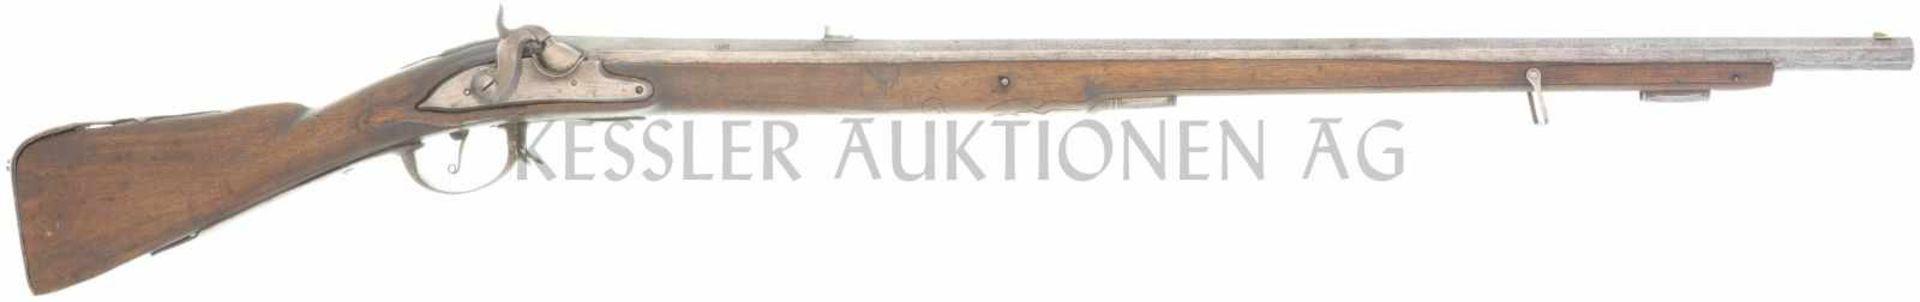 Perkussionsstutzer, Kt. Zug, Kal. 14mm LL 810mm, TL 1115, gezogener Achtkantlauf, Kimme und Korn